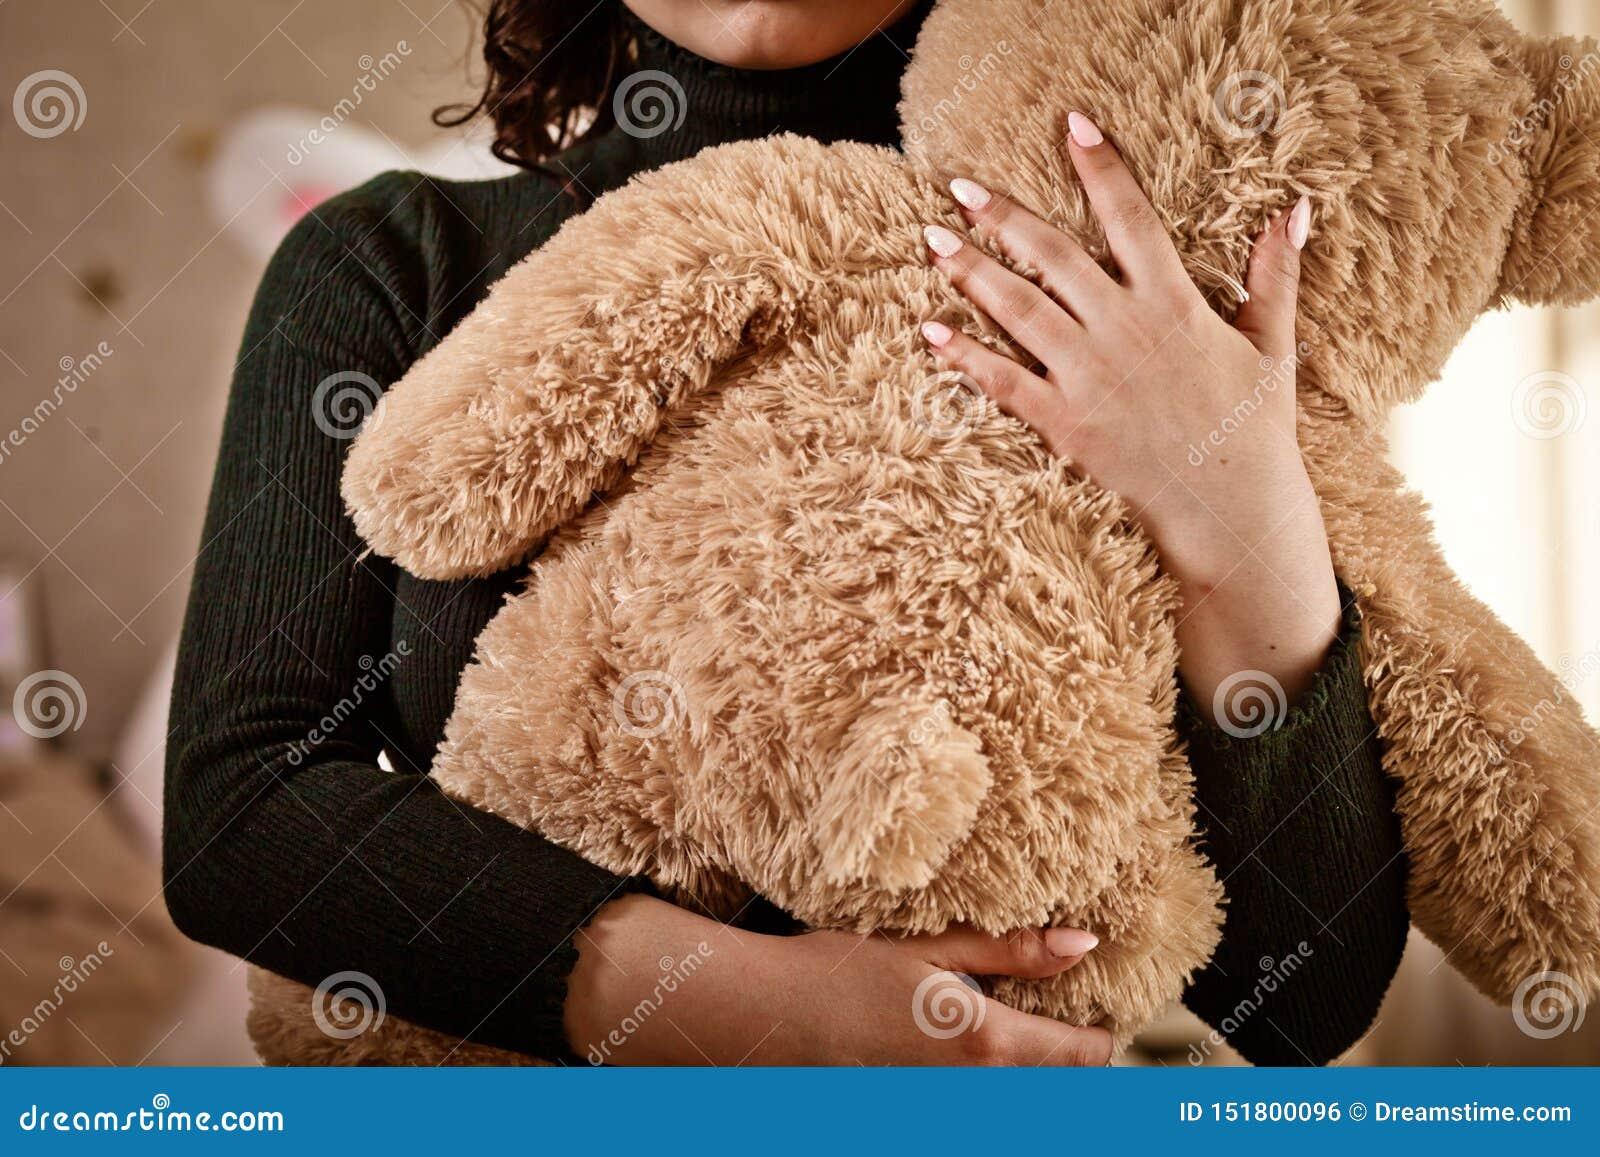 La muchacha sostiene un oso de un peluche, peluche